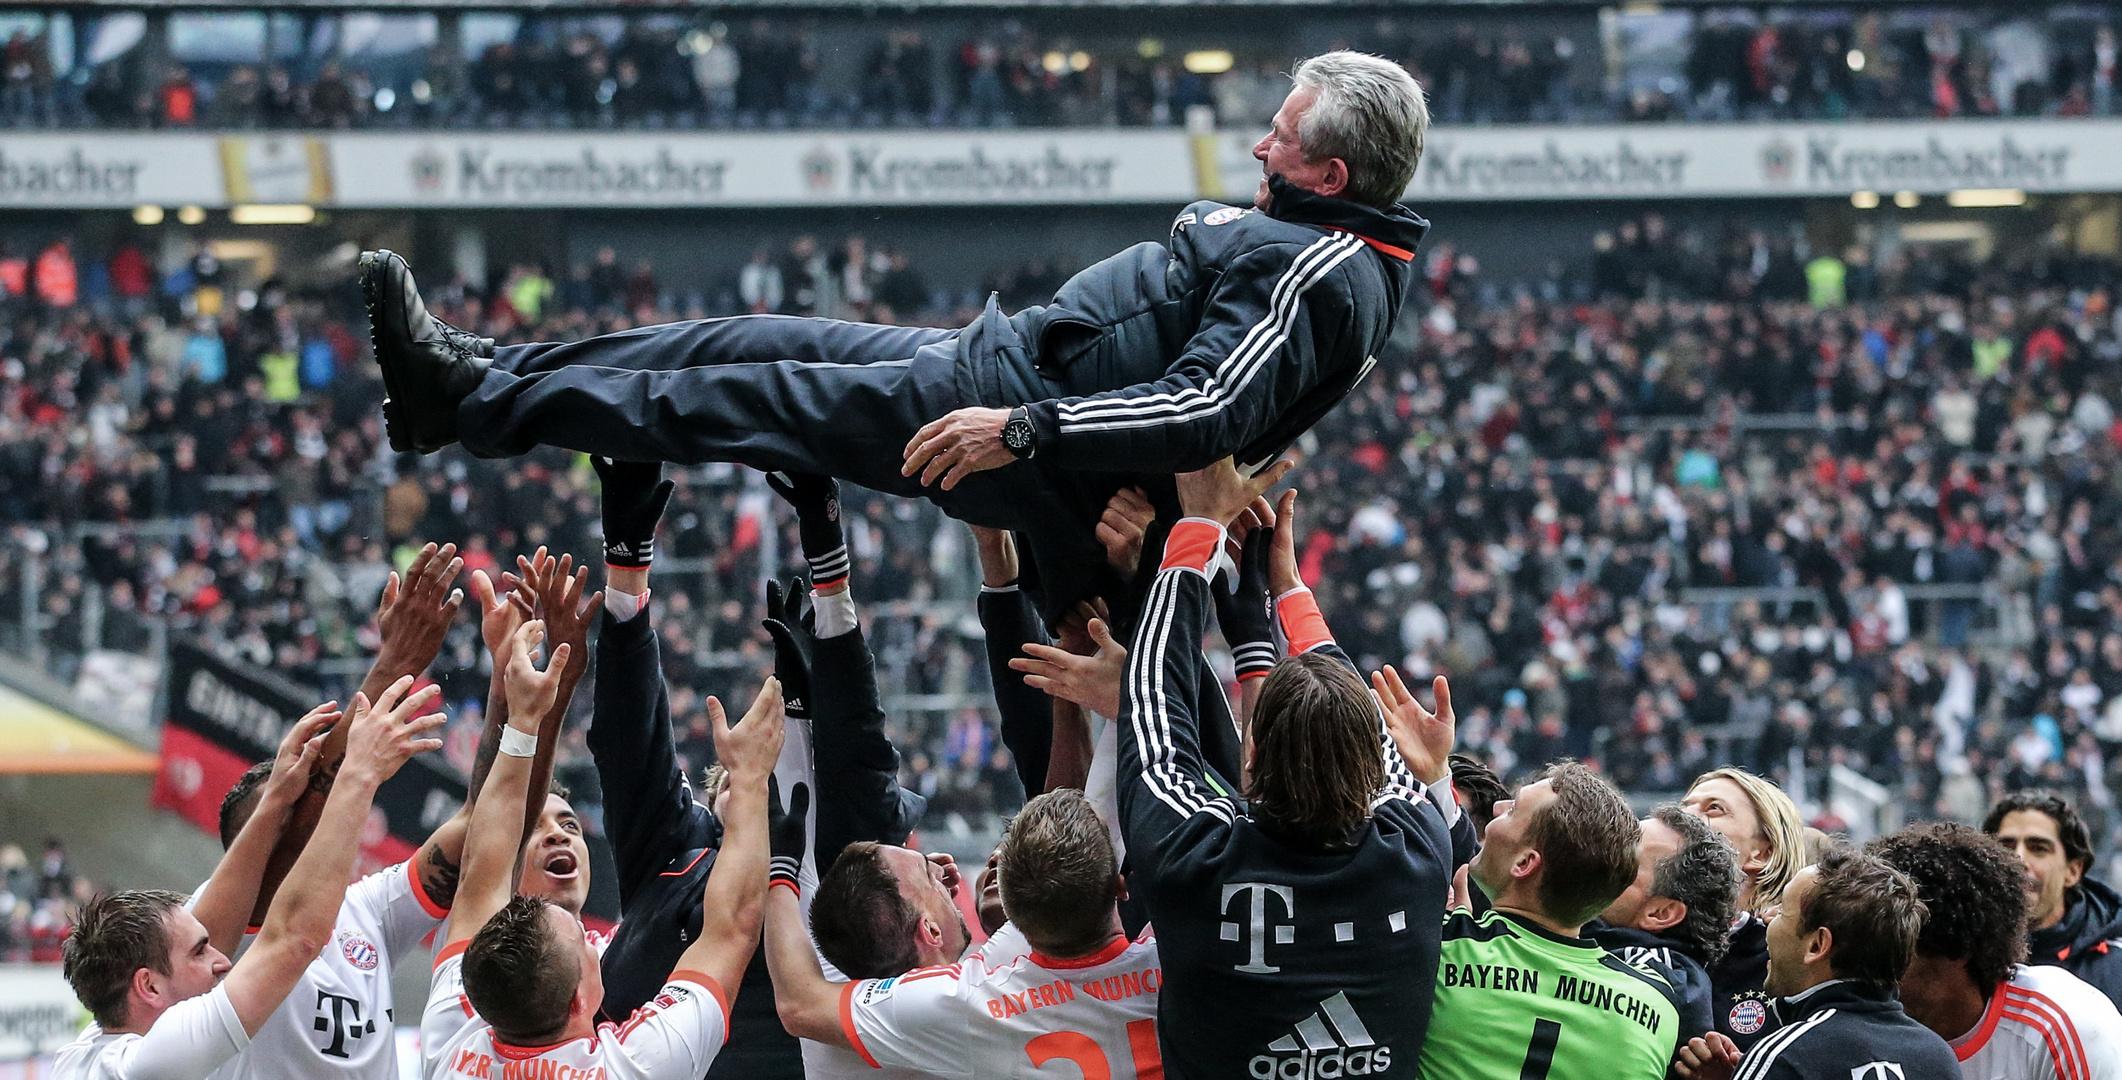 Deutscher Fussballmeister(trainer)